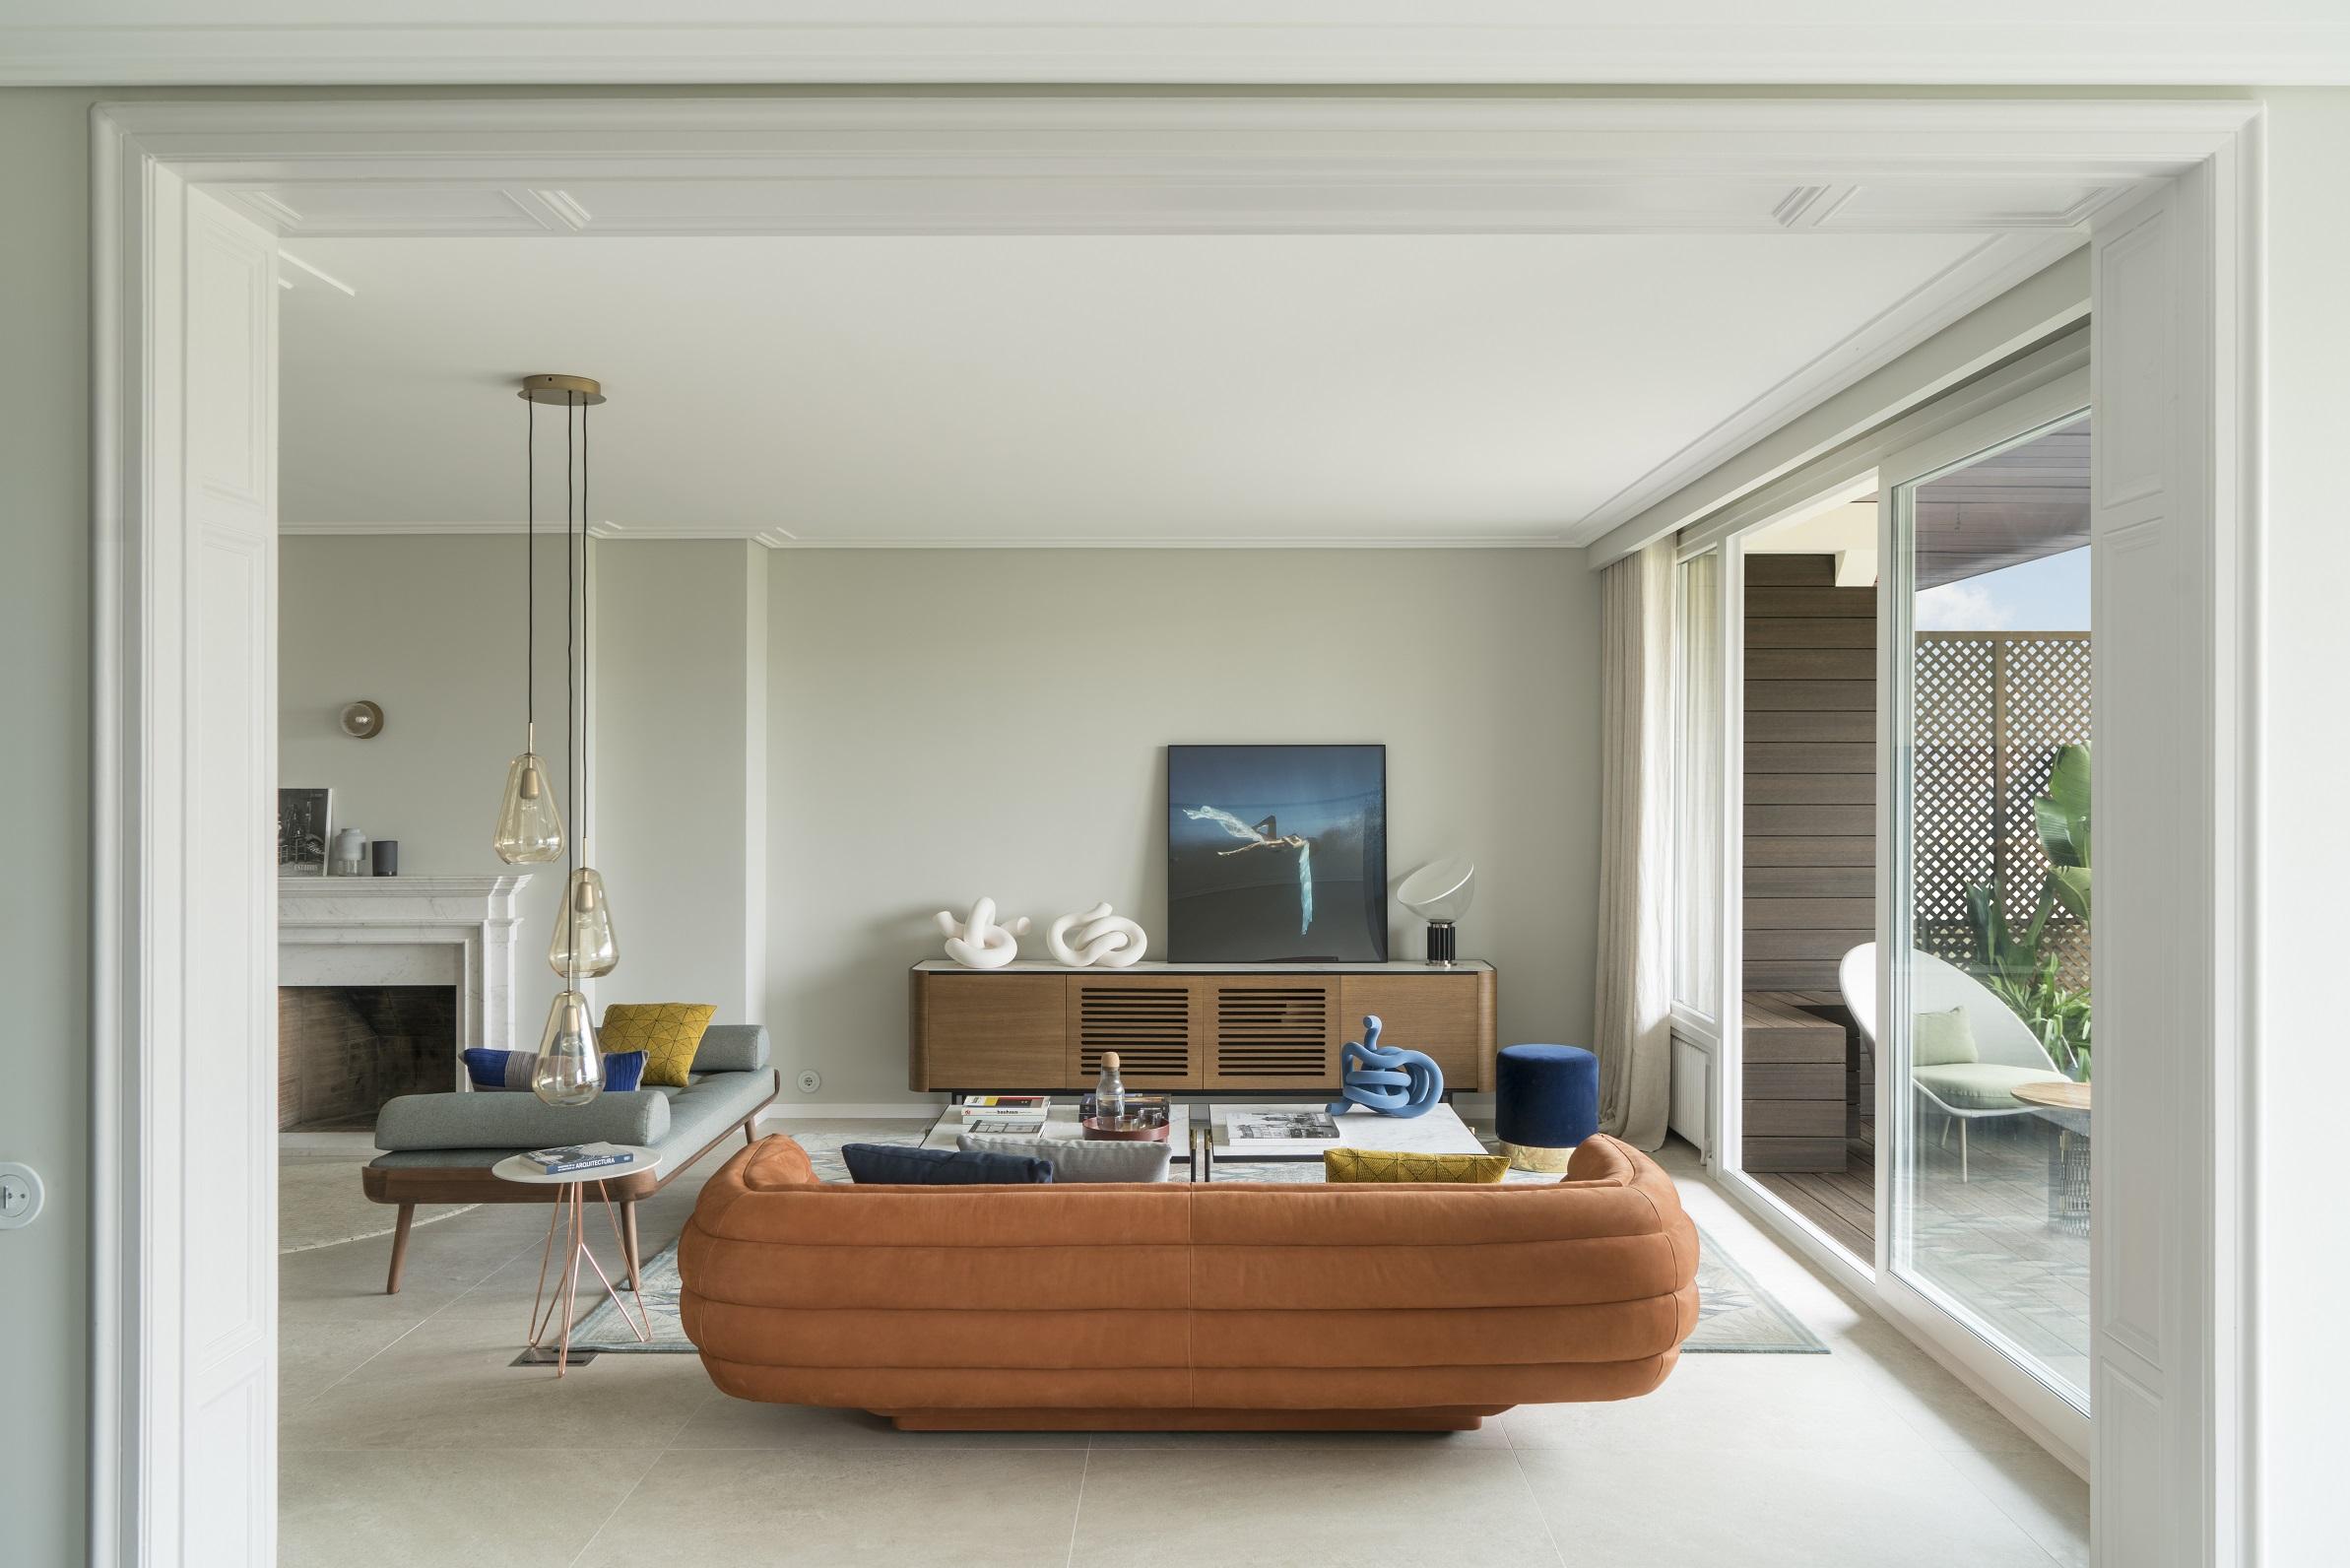 Design furniture for living room - The Room Studio & Momocca